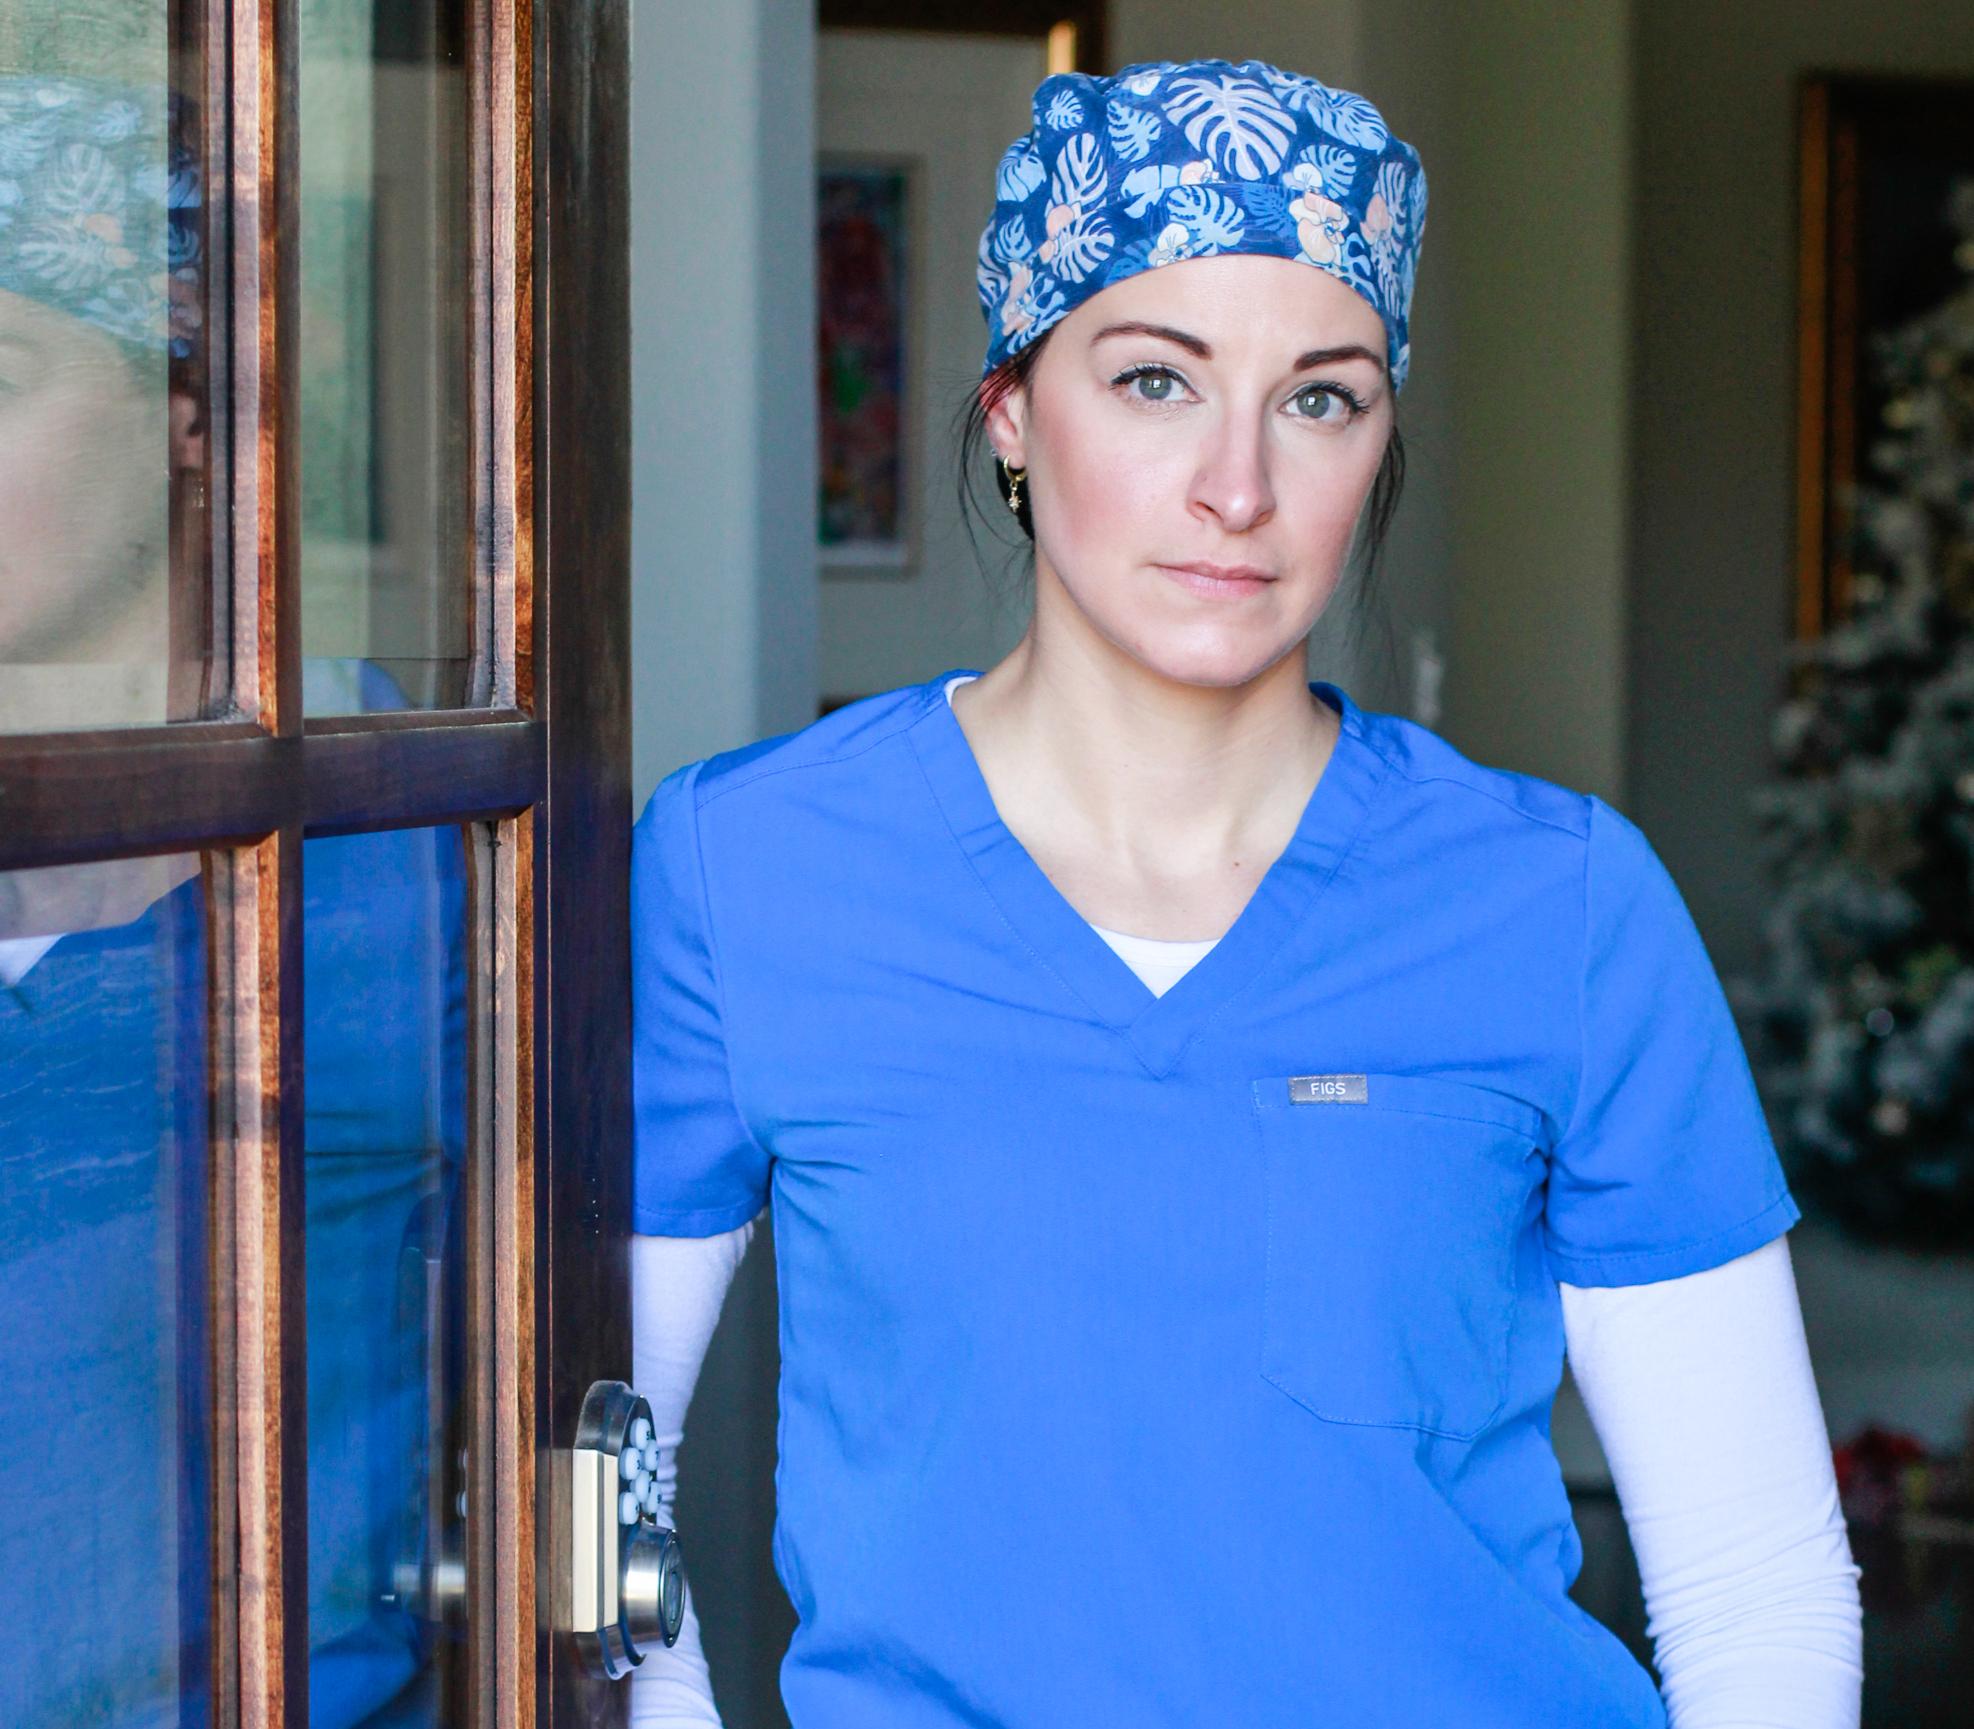 Krankenschwester Jennifer Gillen Fuller in blauer OP-Kleidung an der Tür zu ihrer Krankenstation